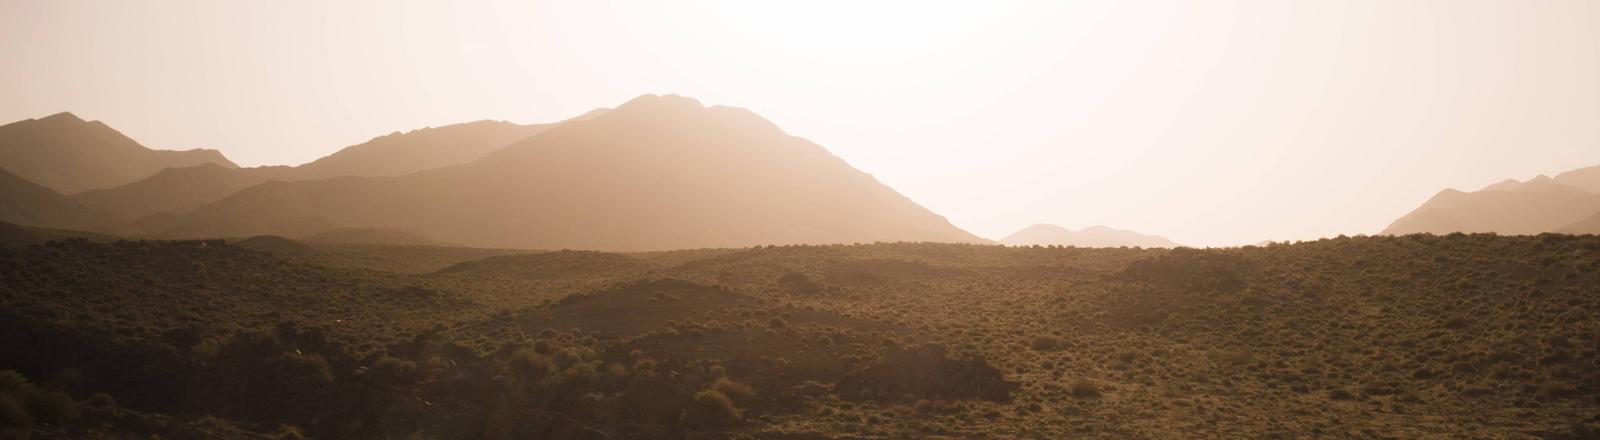 Wüste bei Isfafan im Iran